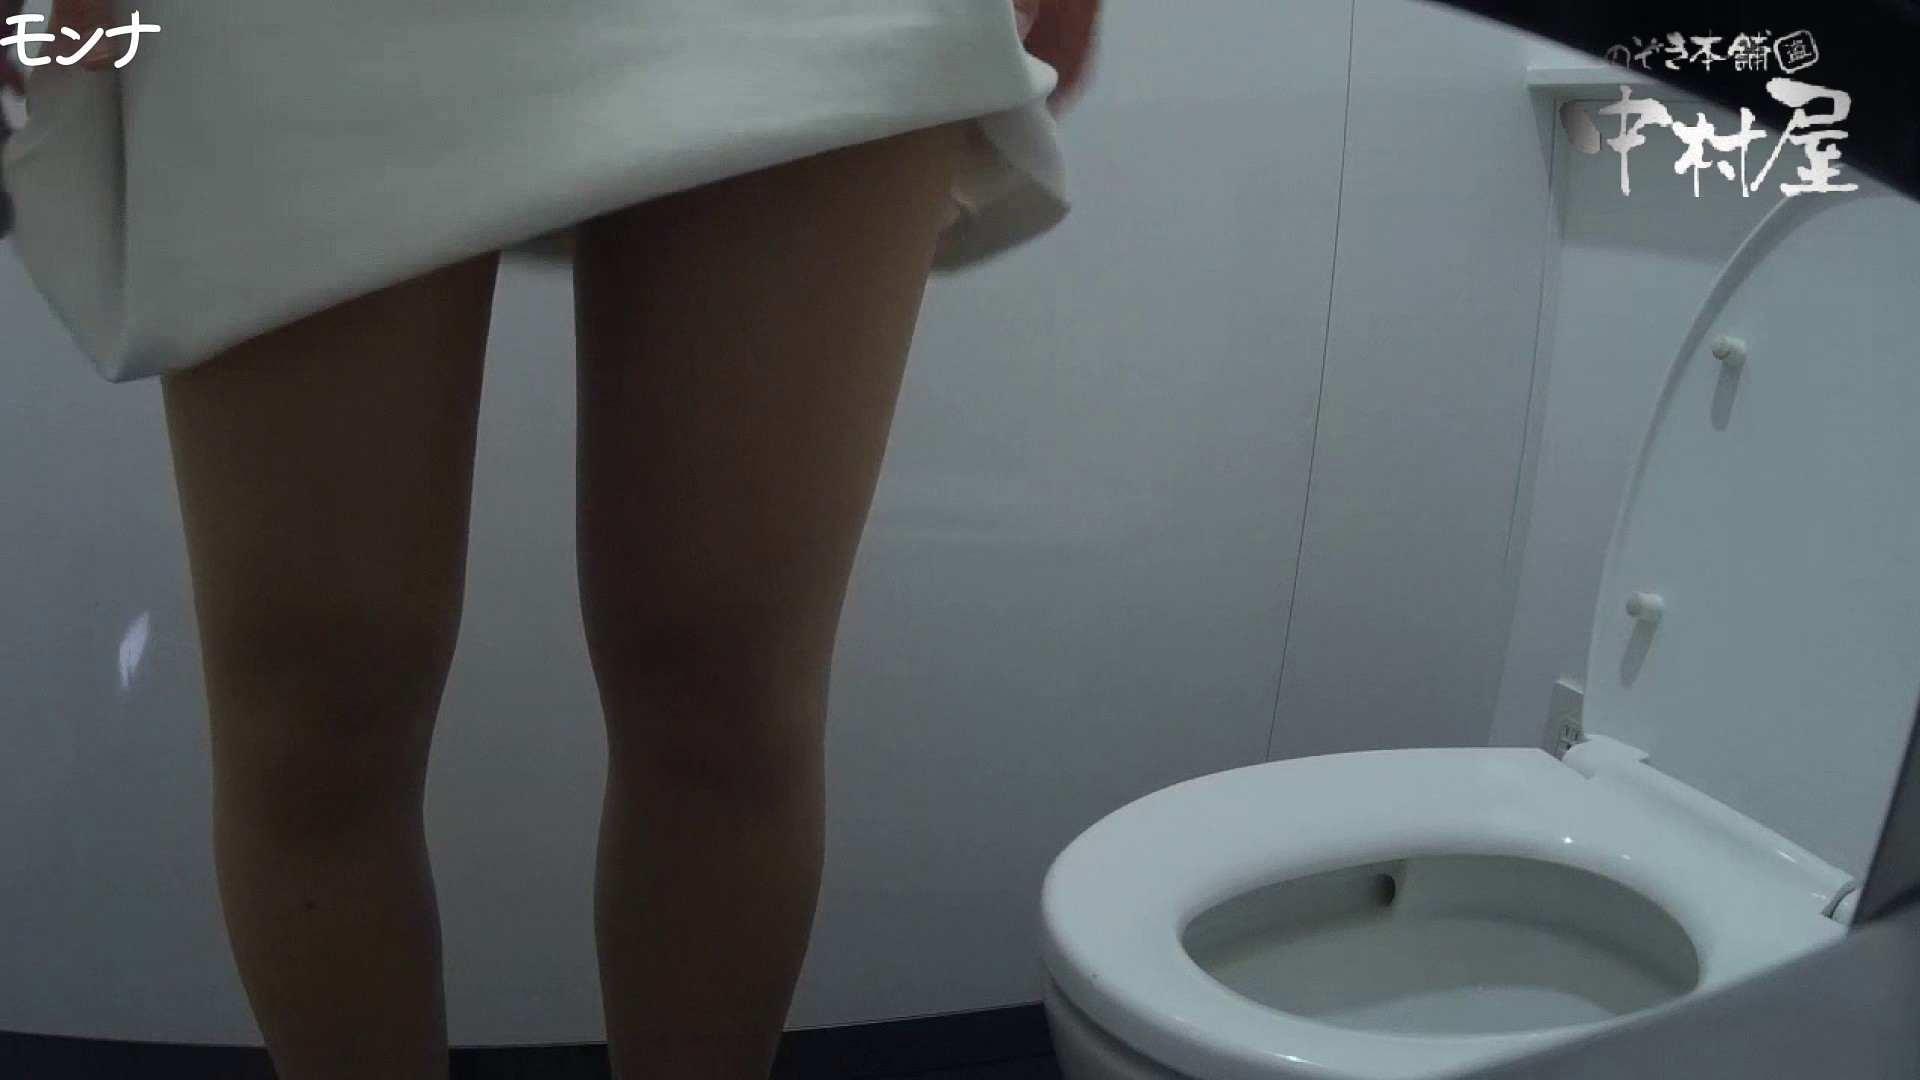 有名大学女性洗面所 vol.65 秘技!!マルチアングル天井撮り!! 和式 | 洗面所  91pic 90